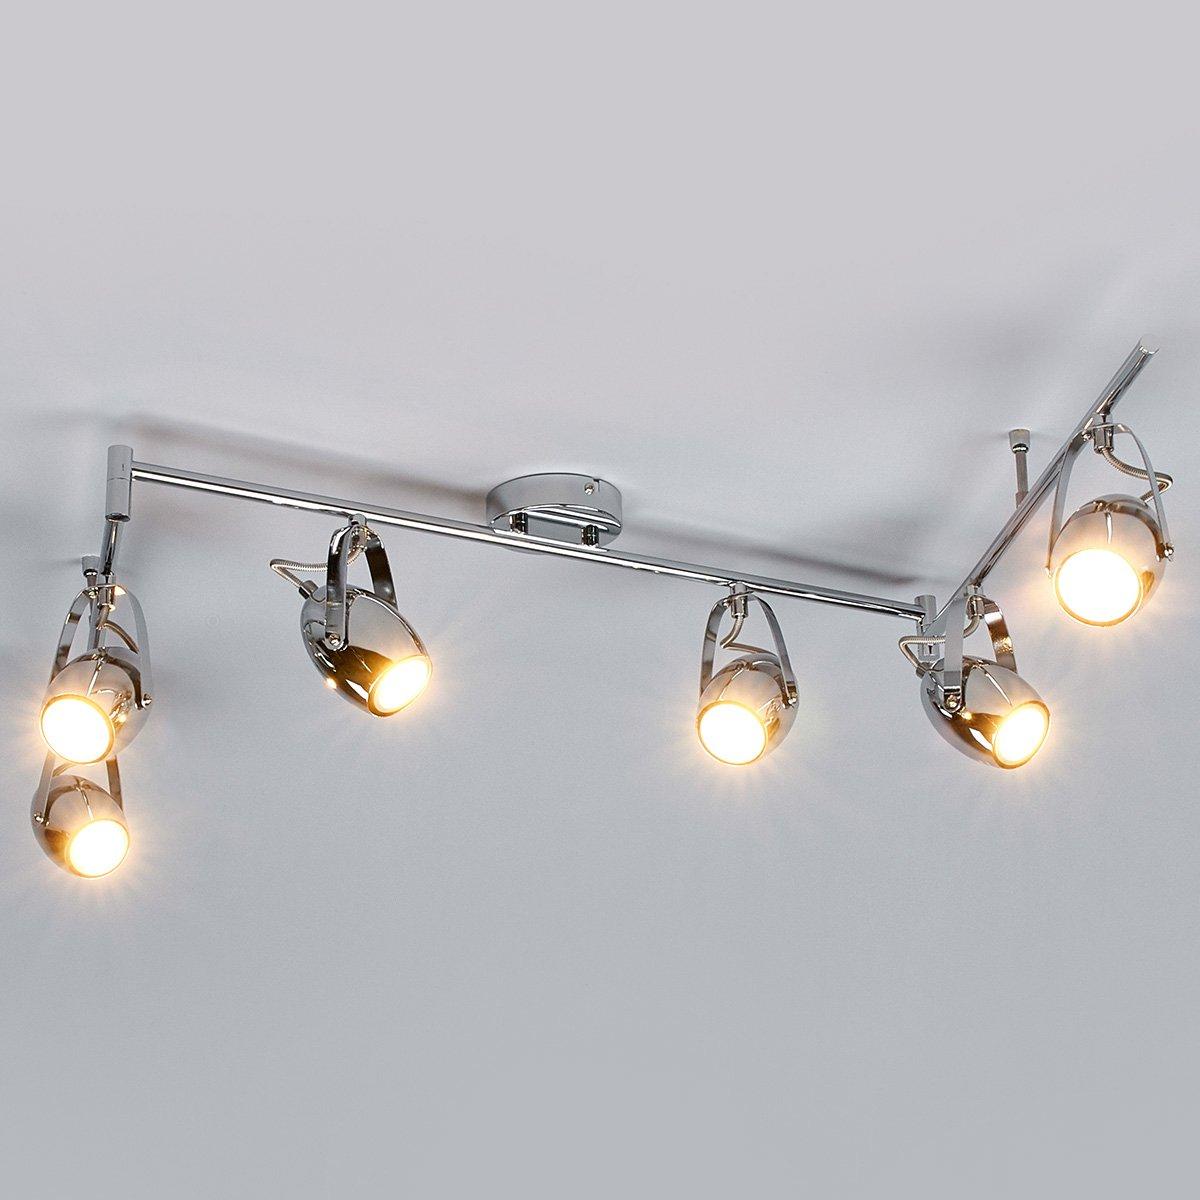 LED-Deckenleuchte Catrin Deckenlampe Deckenstrahler GU10 Strahler ...